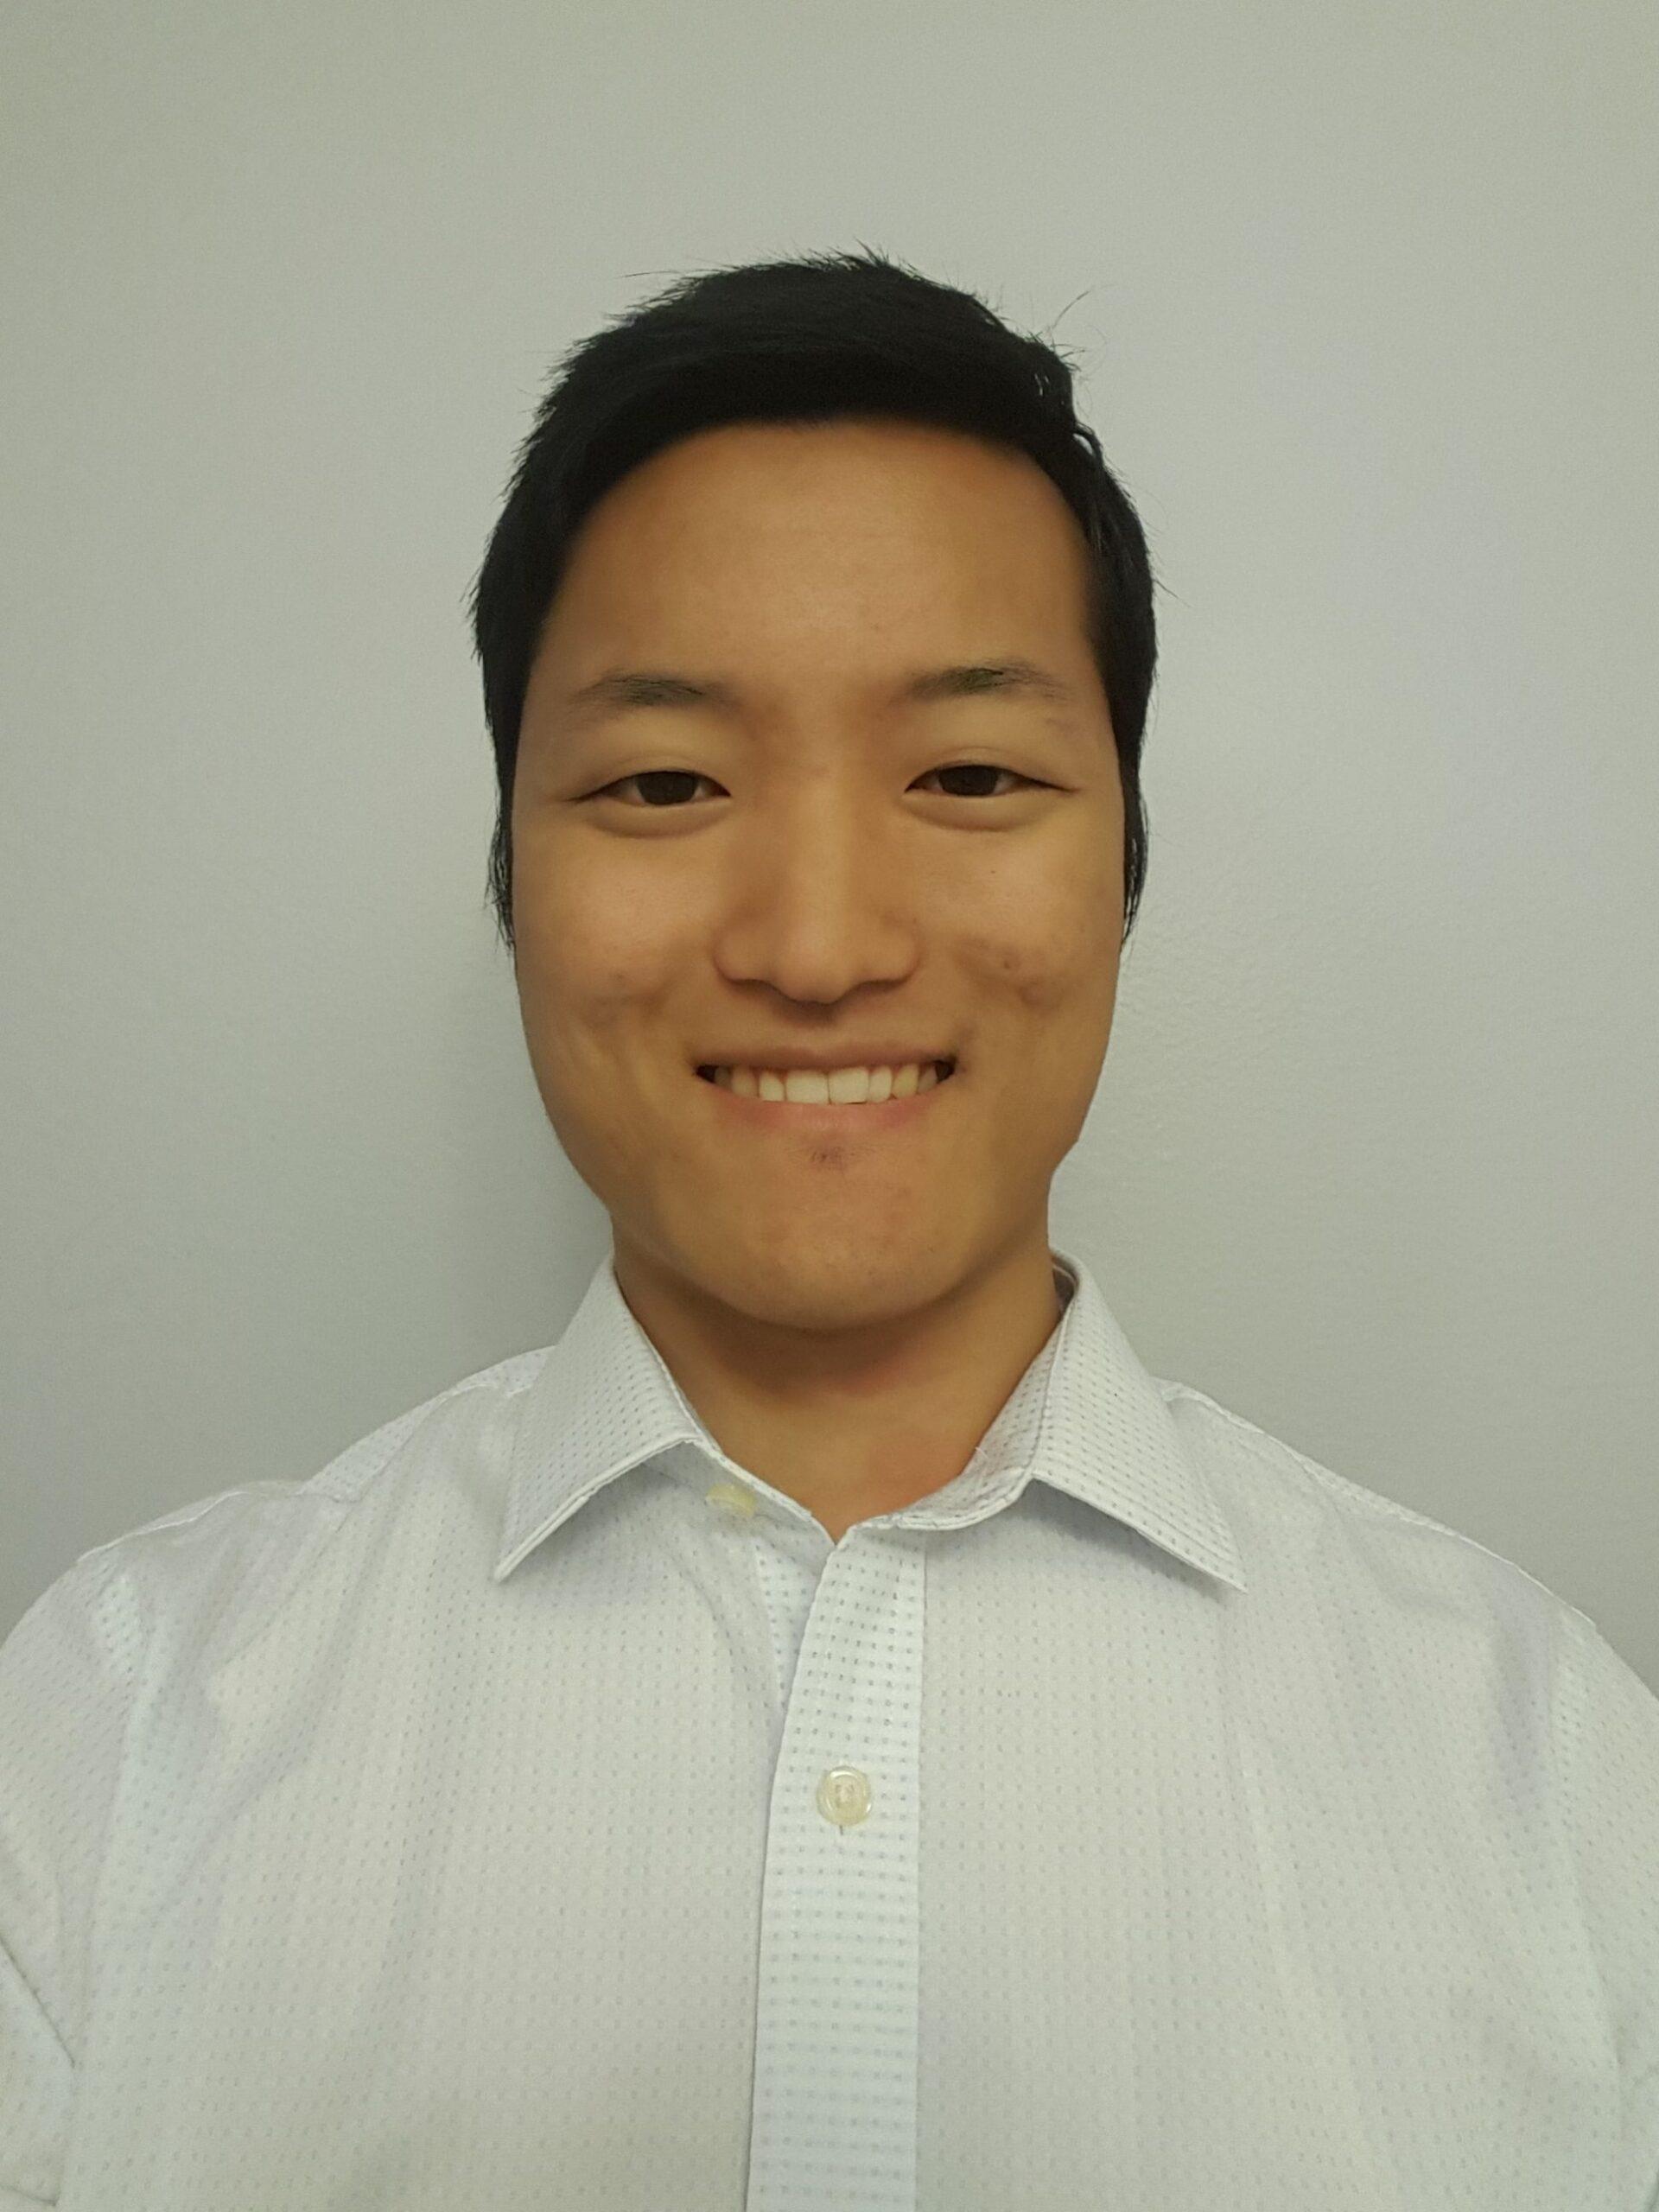 Austin Chung